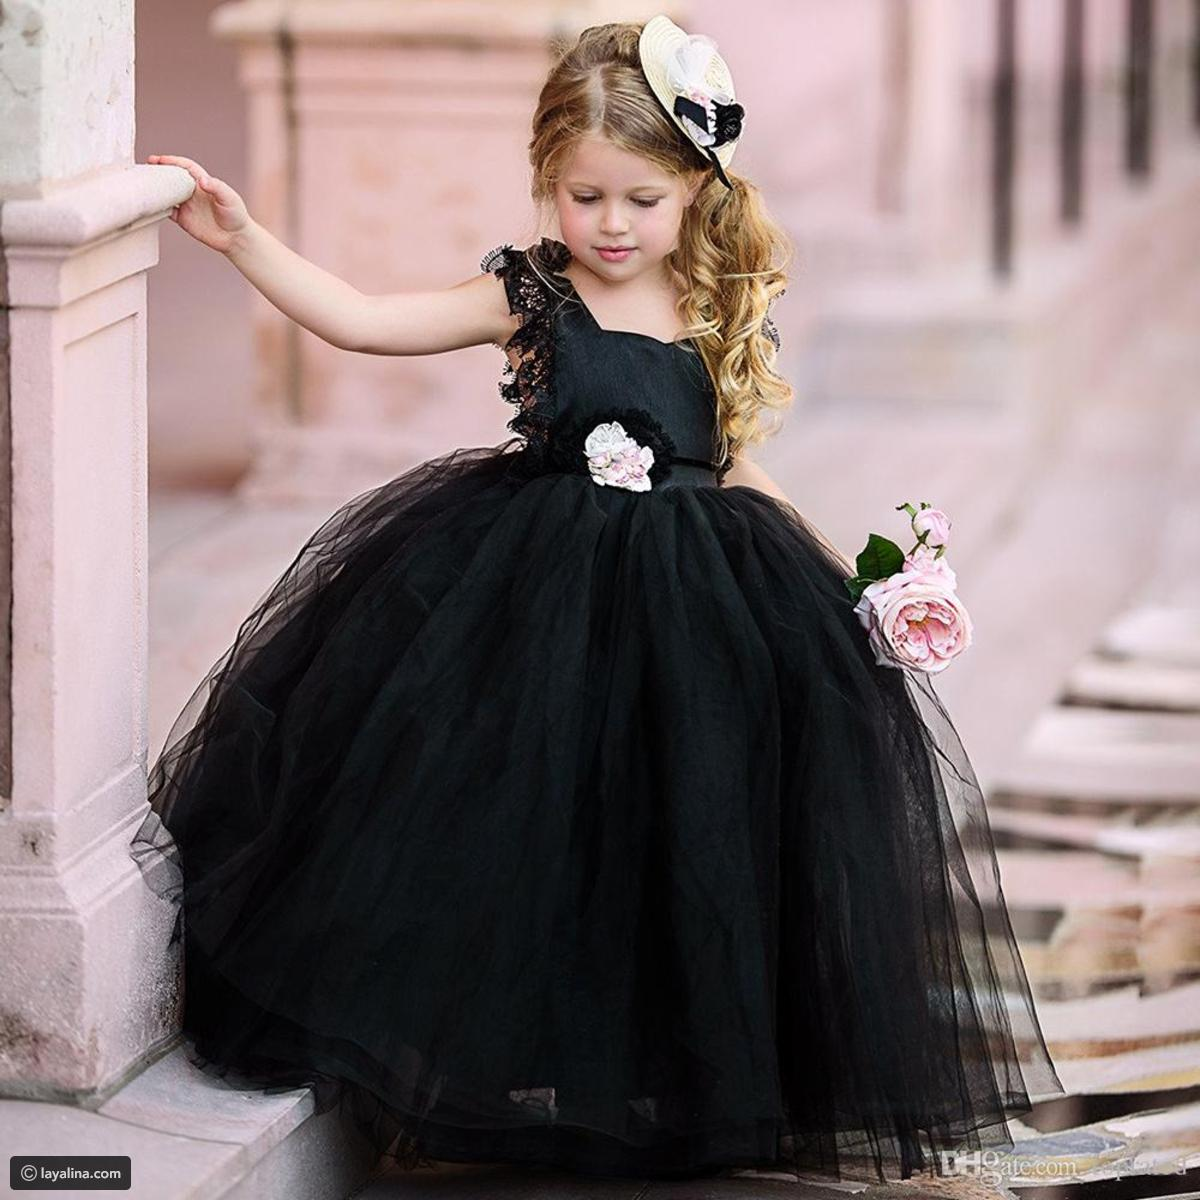 بالصور فساتين بنات صغار للاعراس , اجمل ملابس للبنات 12569 9